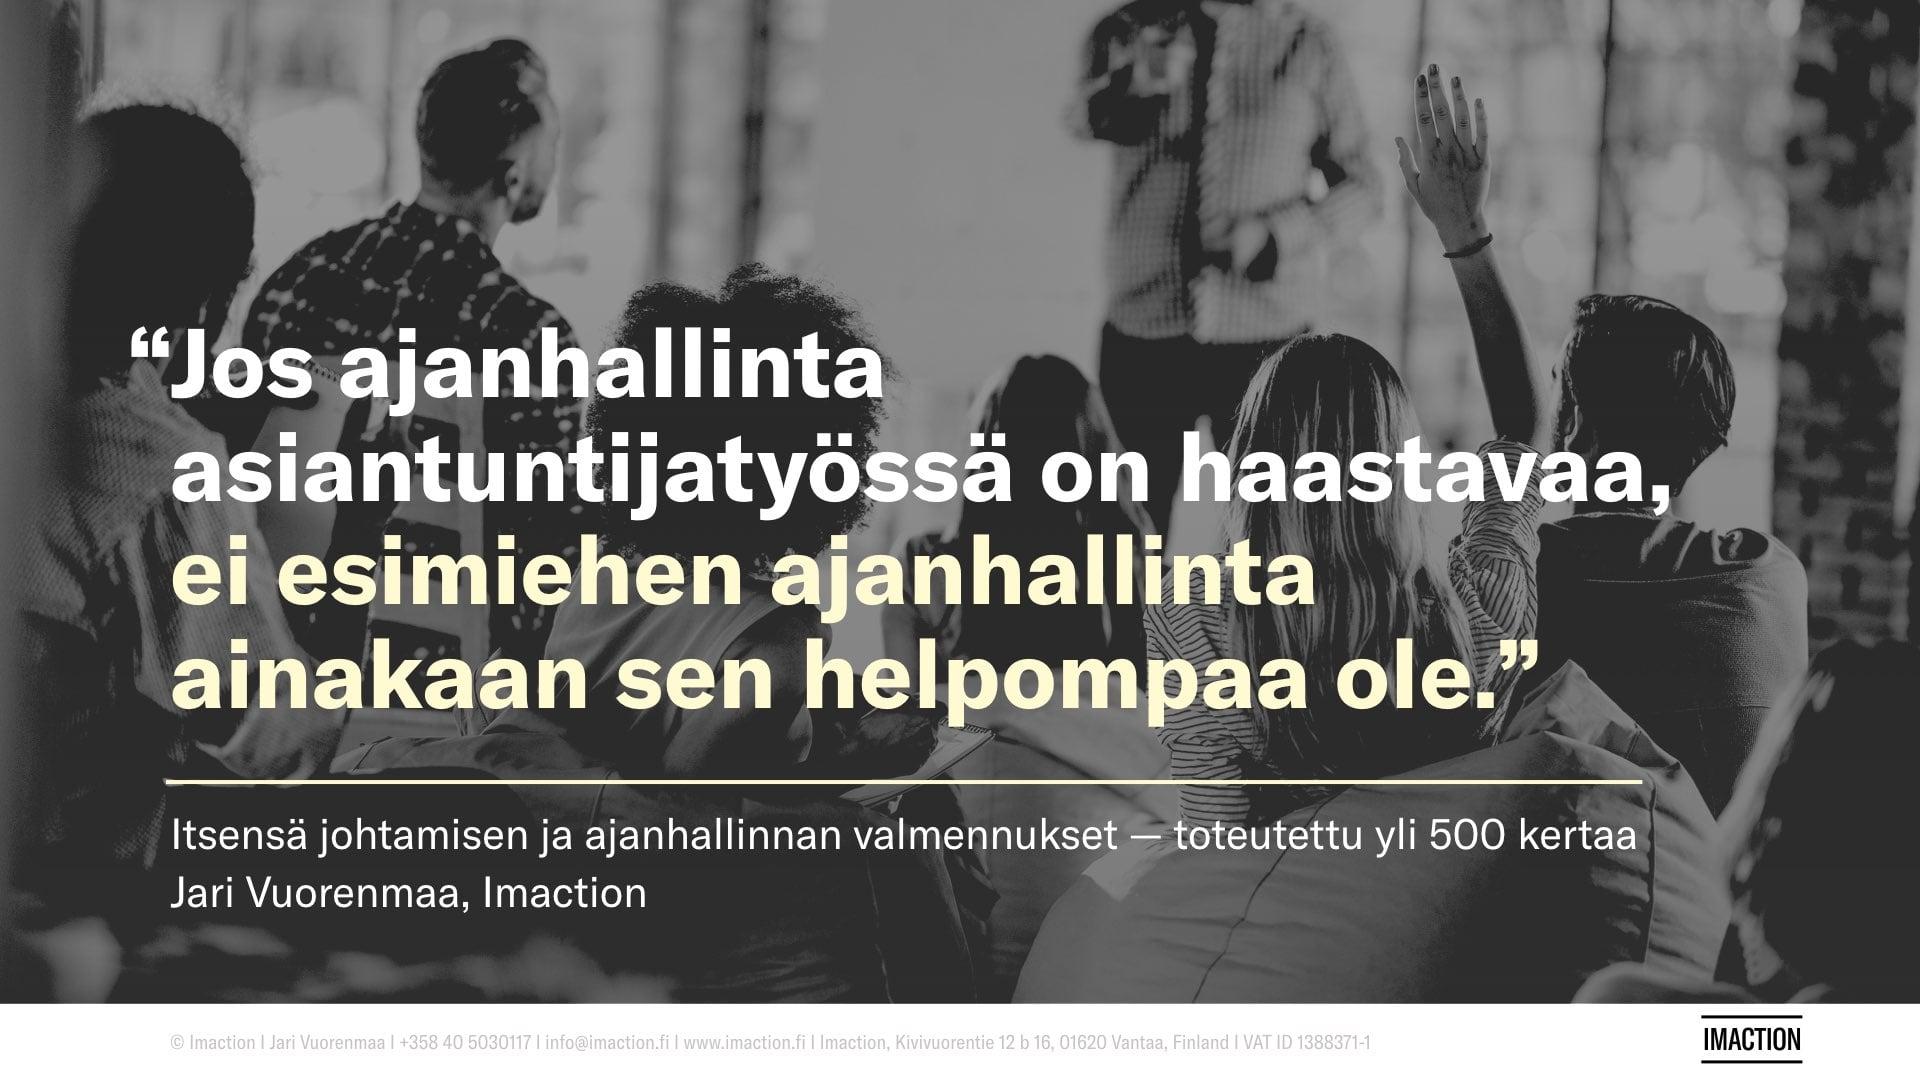 Ajanhallinta asiantuntijatyössä, esimiehen ajanhallinta ja itsensä johtaminen ja oma työhyvinvointi ovat teemoina Jari Vuorenmaan yli 500 kertaa toteutetuissa valmennuksissa. Tilaa luento tai koulutus Jari Vuorenmaa, Imaction.